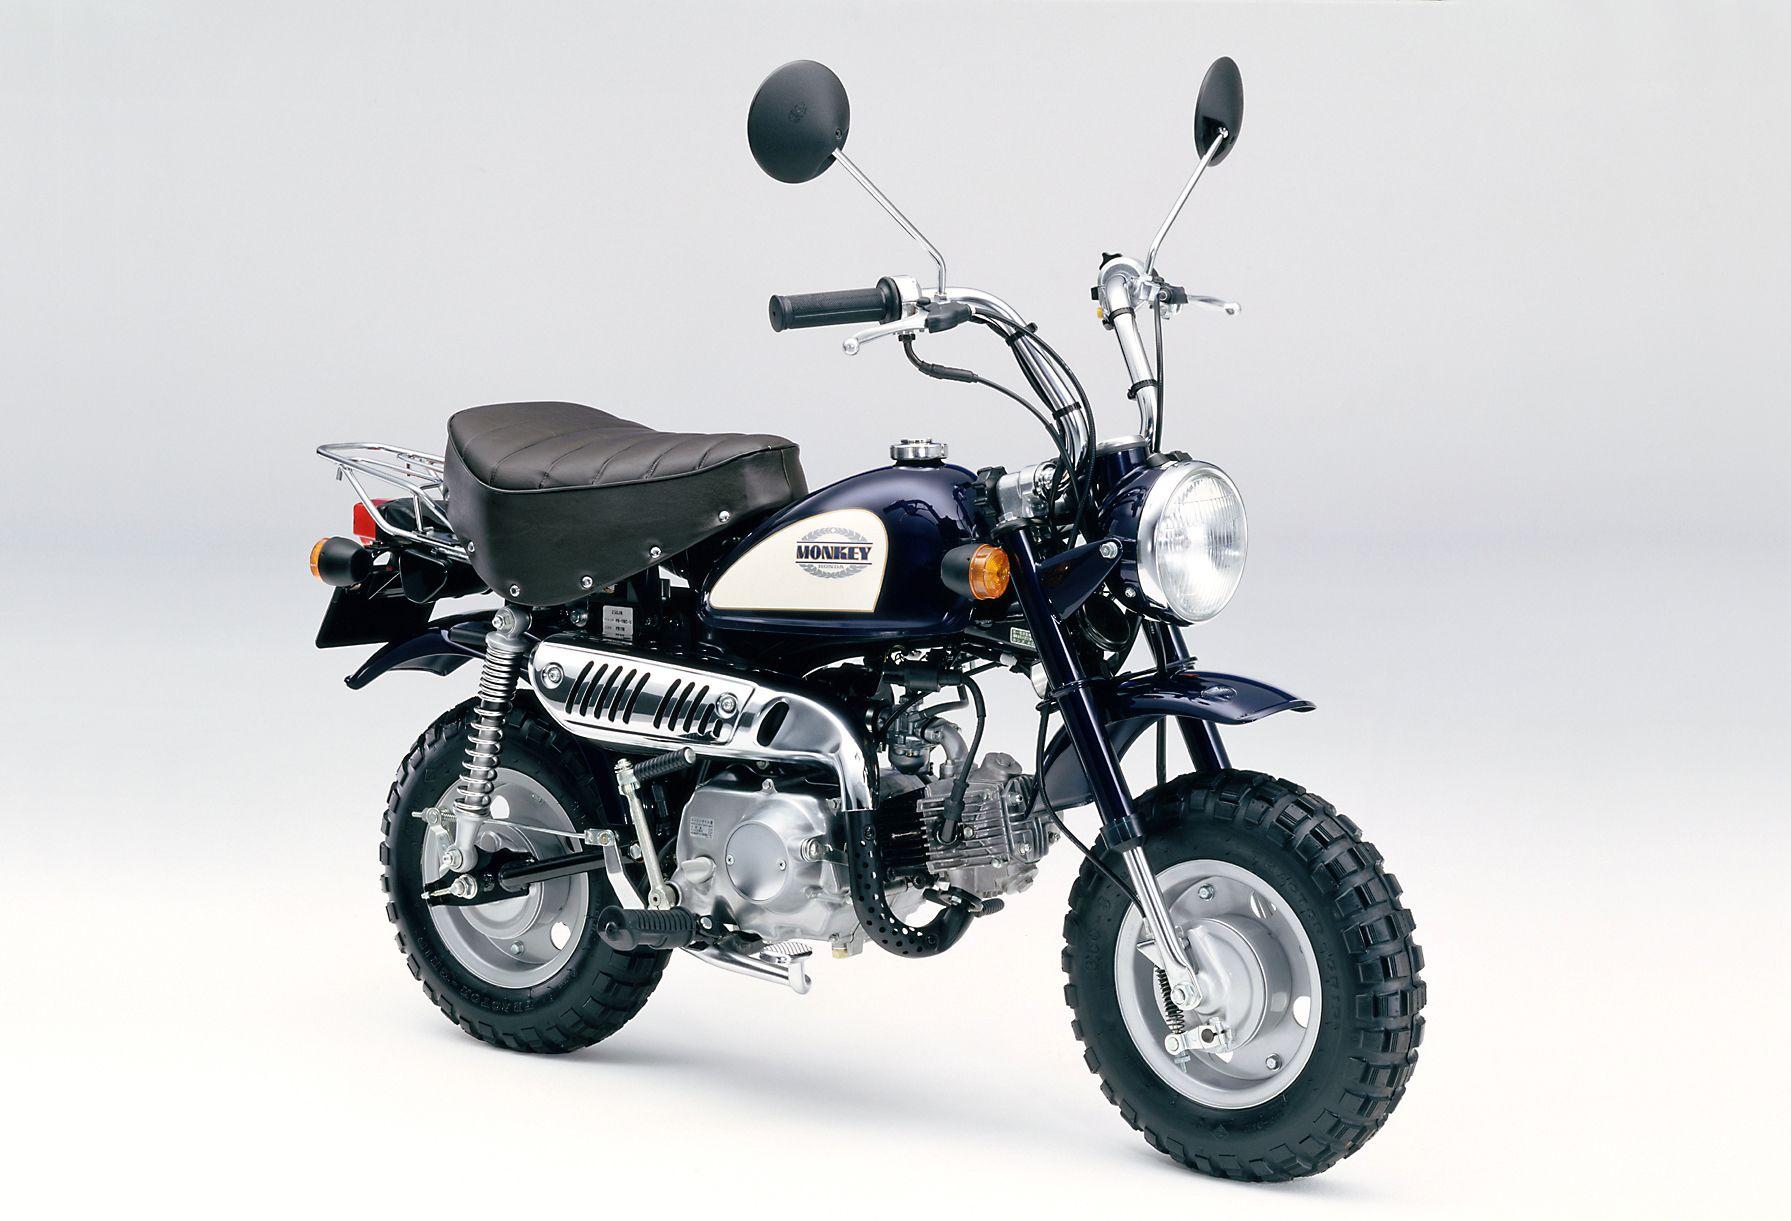 Honda Z50 Monkey 1992 95 Honda Honda Motorcycles Mini Bike